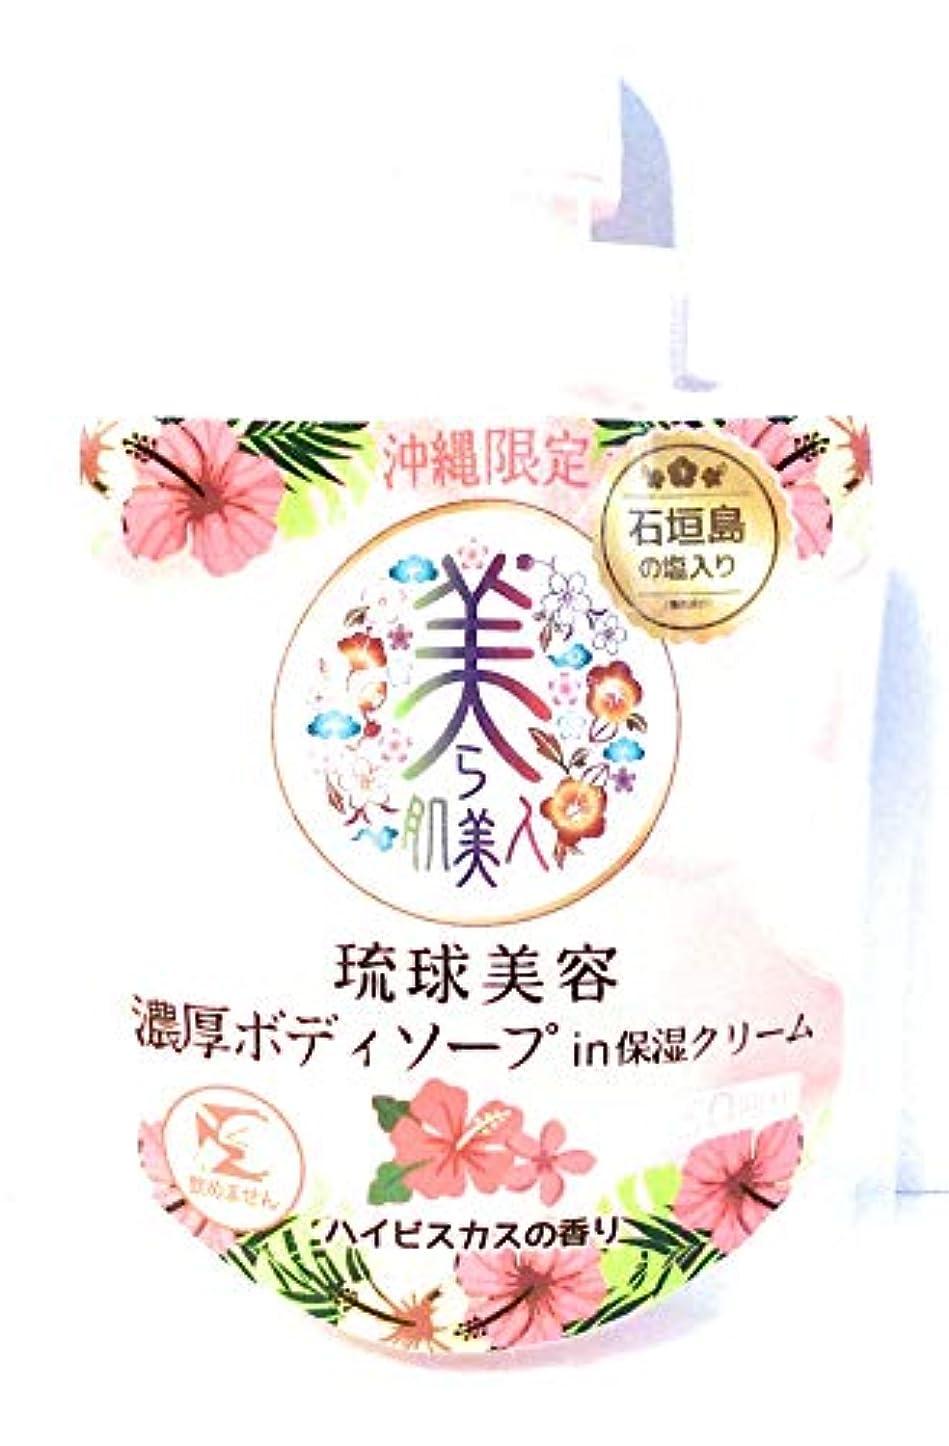 ファンめまいが現実的沖縄限定 美ら肌美人 琉球美容濃厚ボディソープin保湿クリーム ハイビスカスの香り